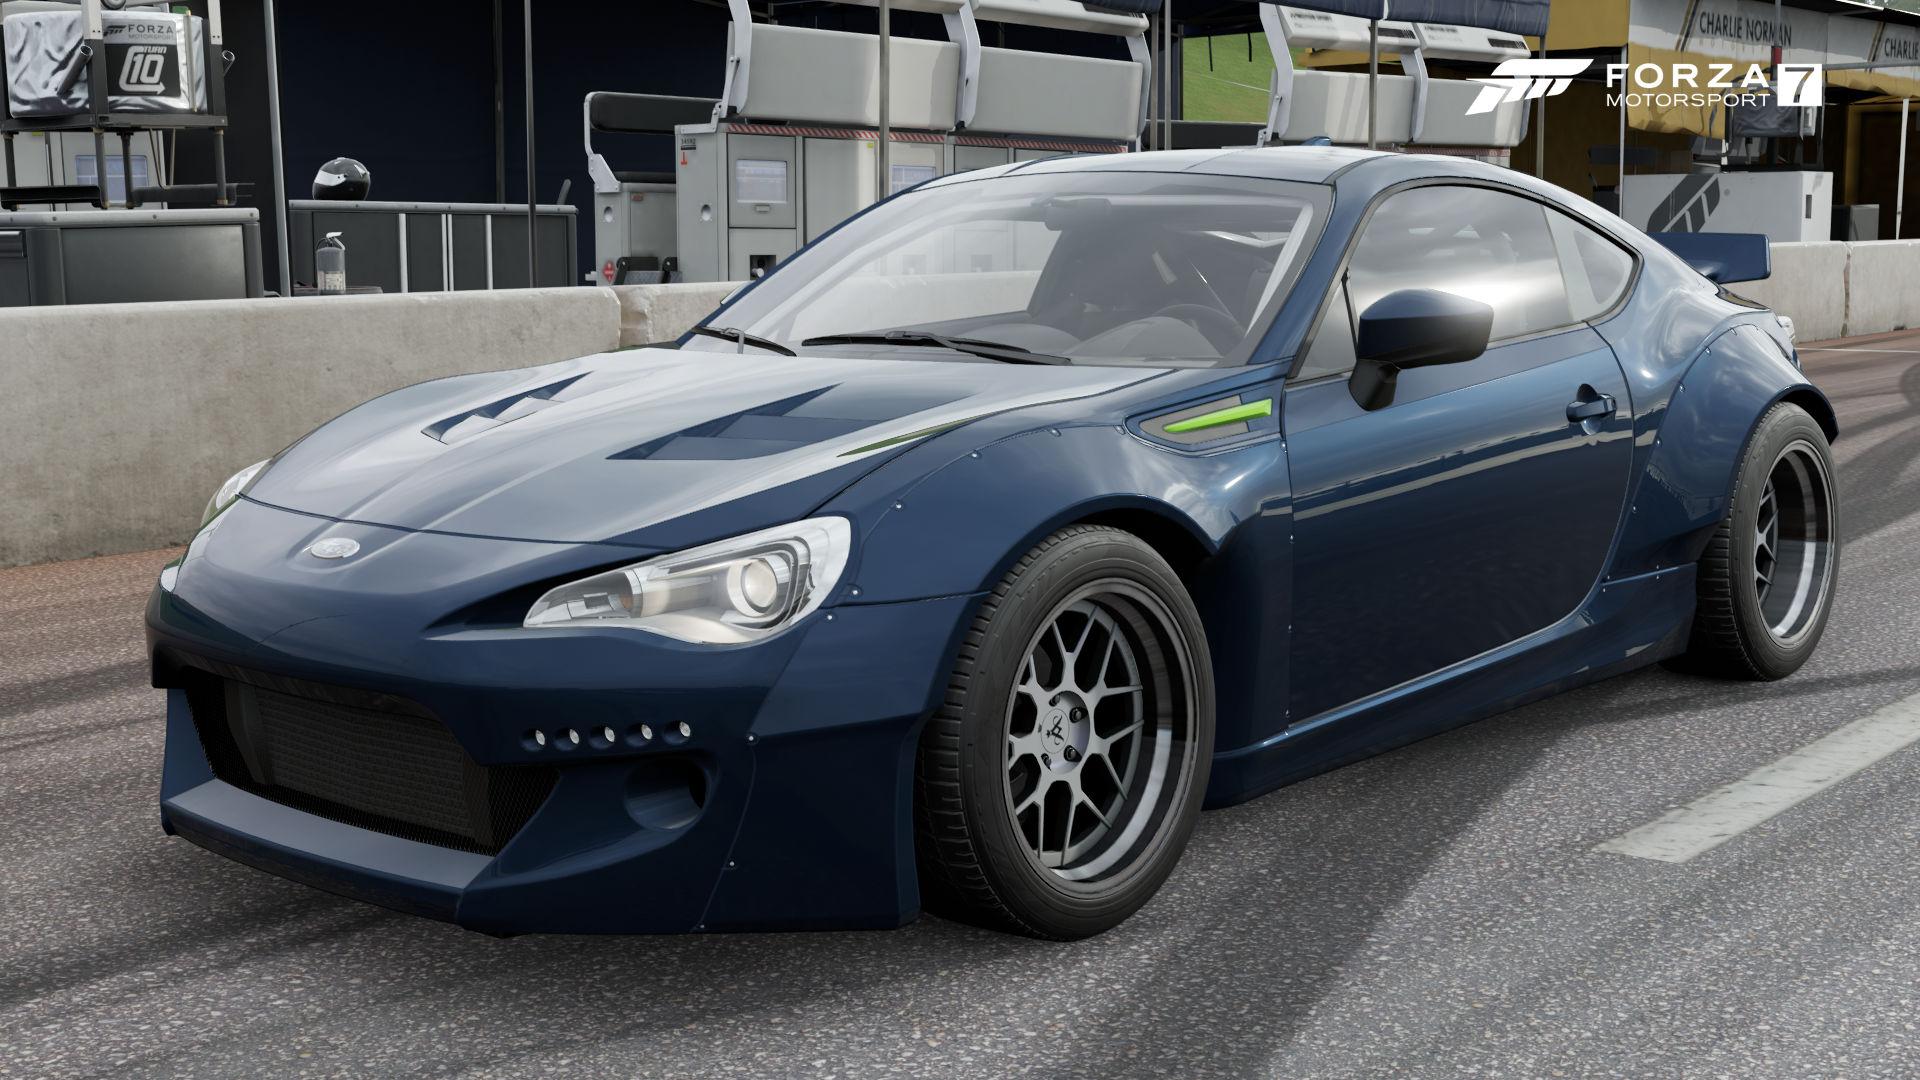 2018 Brz Ts Price >> Subaru Brz 0 60 | New Car Release Information